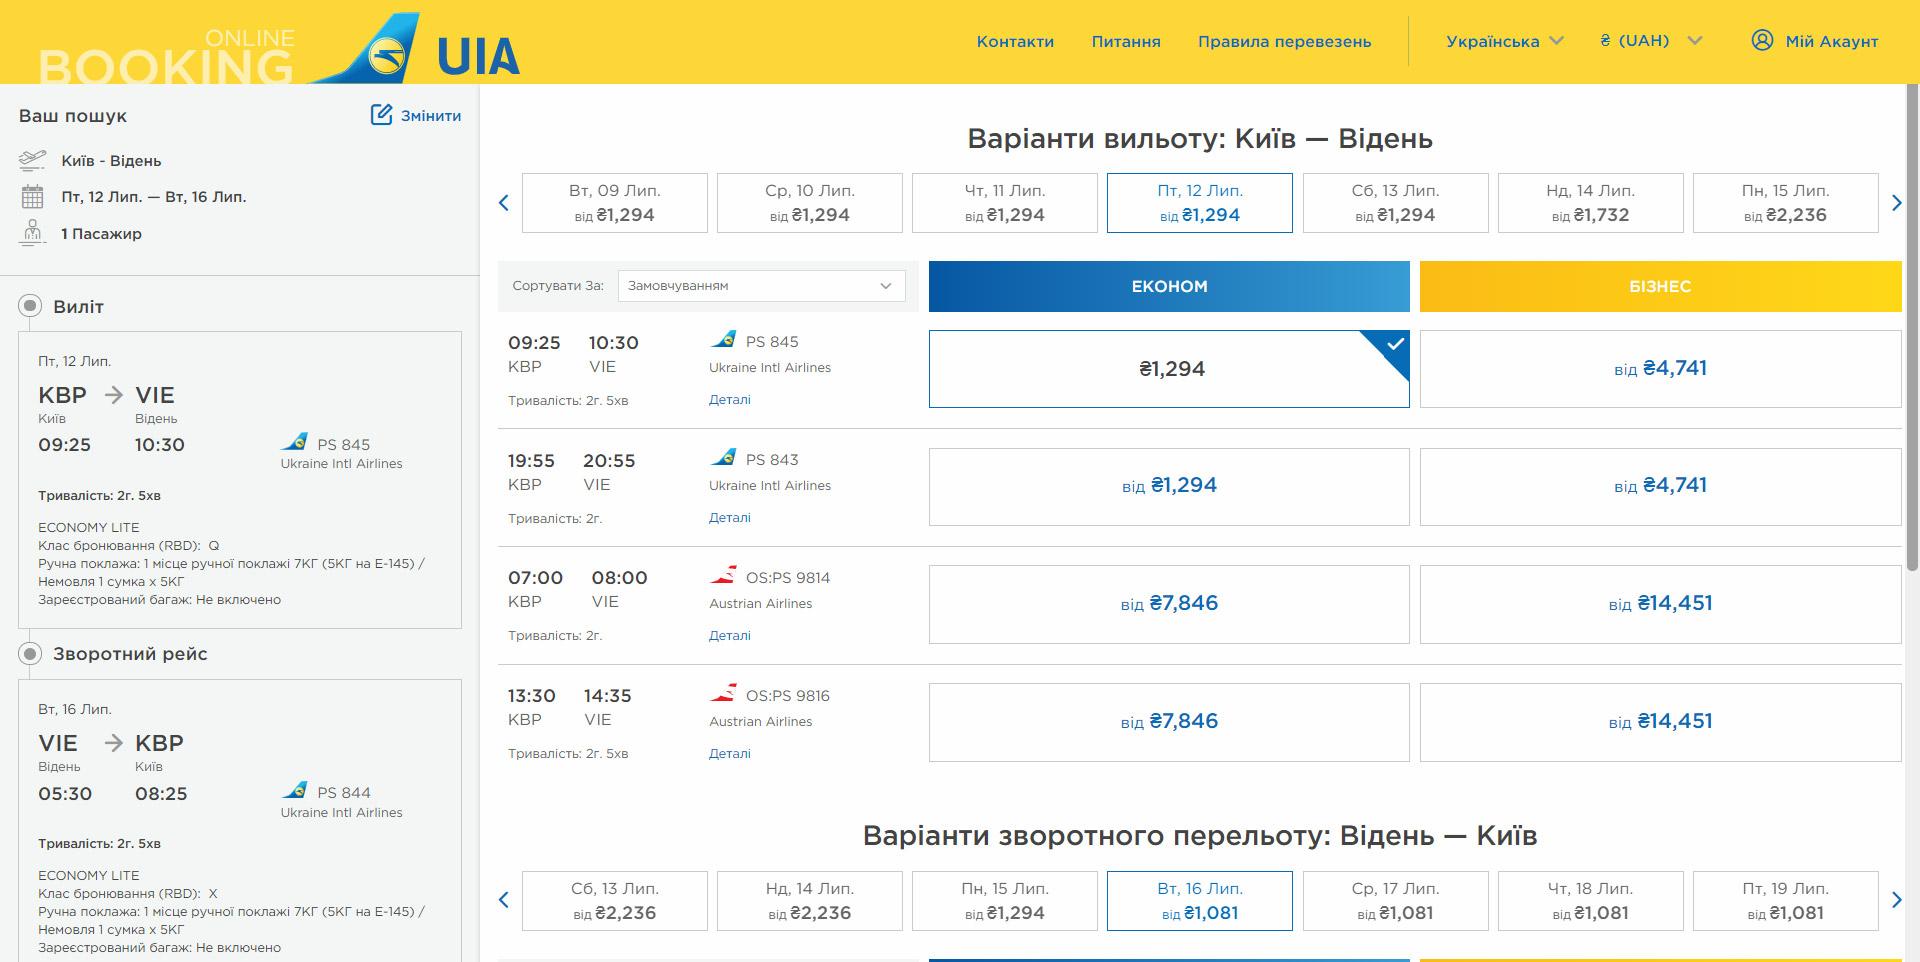 Дешевые авиабилеты МАУ Киев-Вена на лето 2019 года